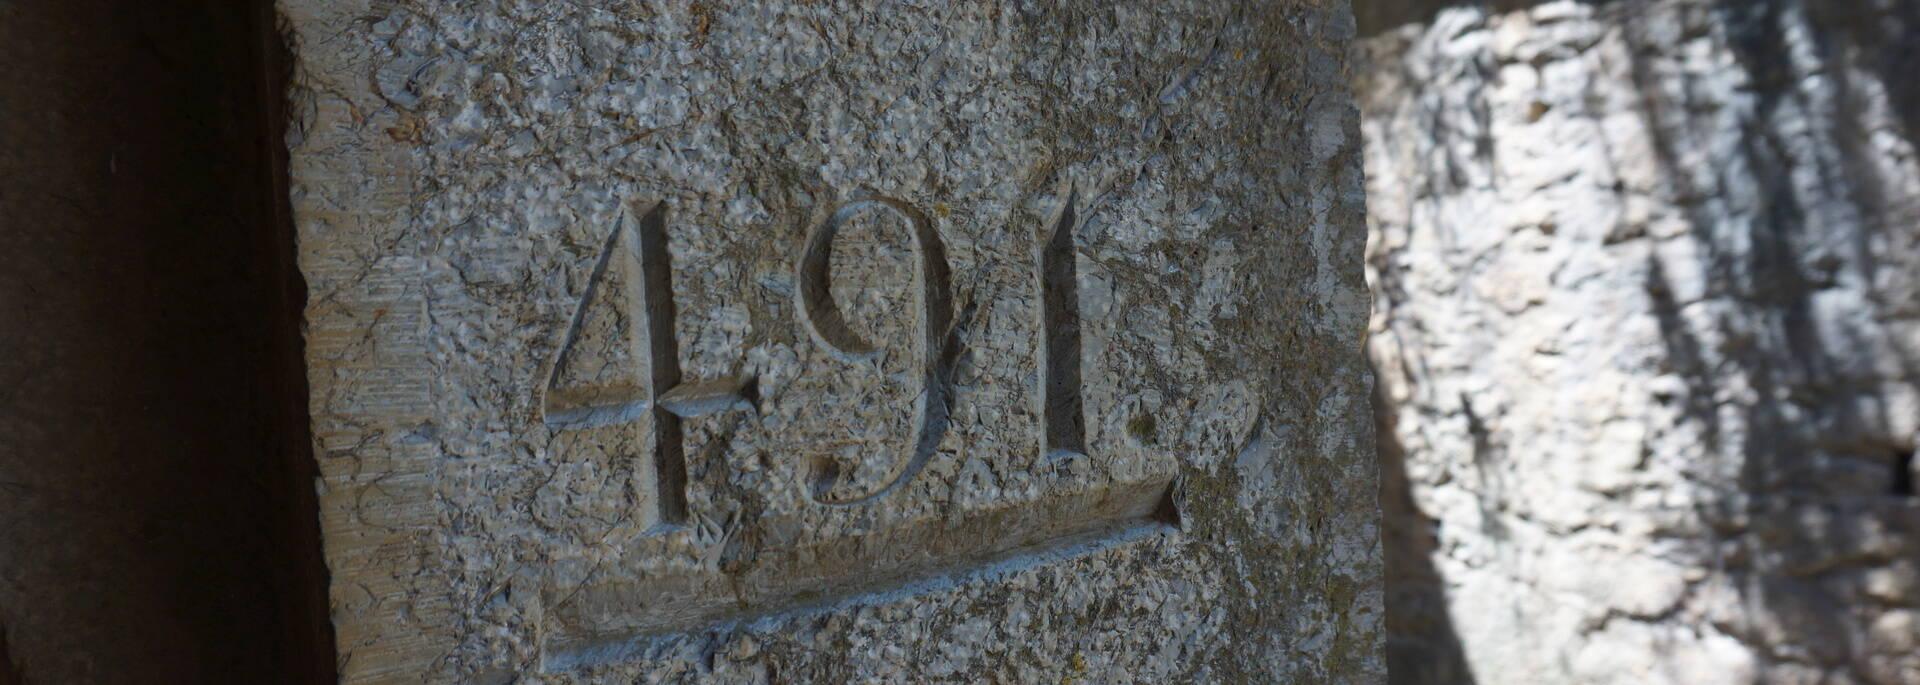 l'altitude est gravée dans la pierre - Fort Libéria